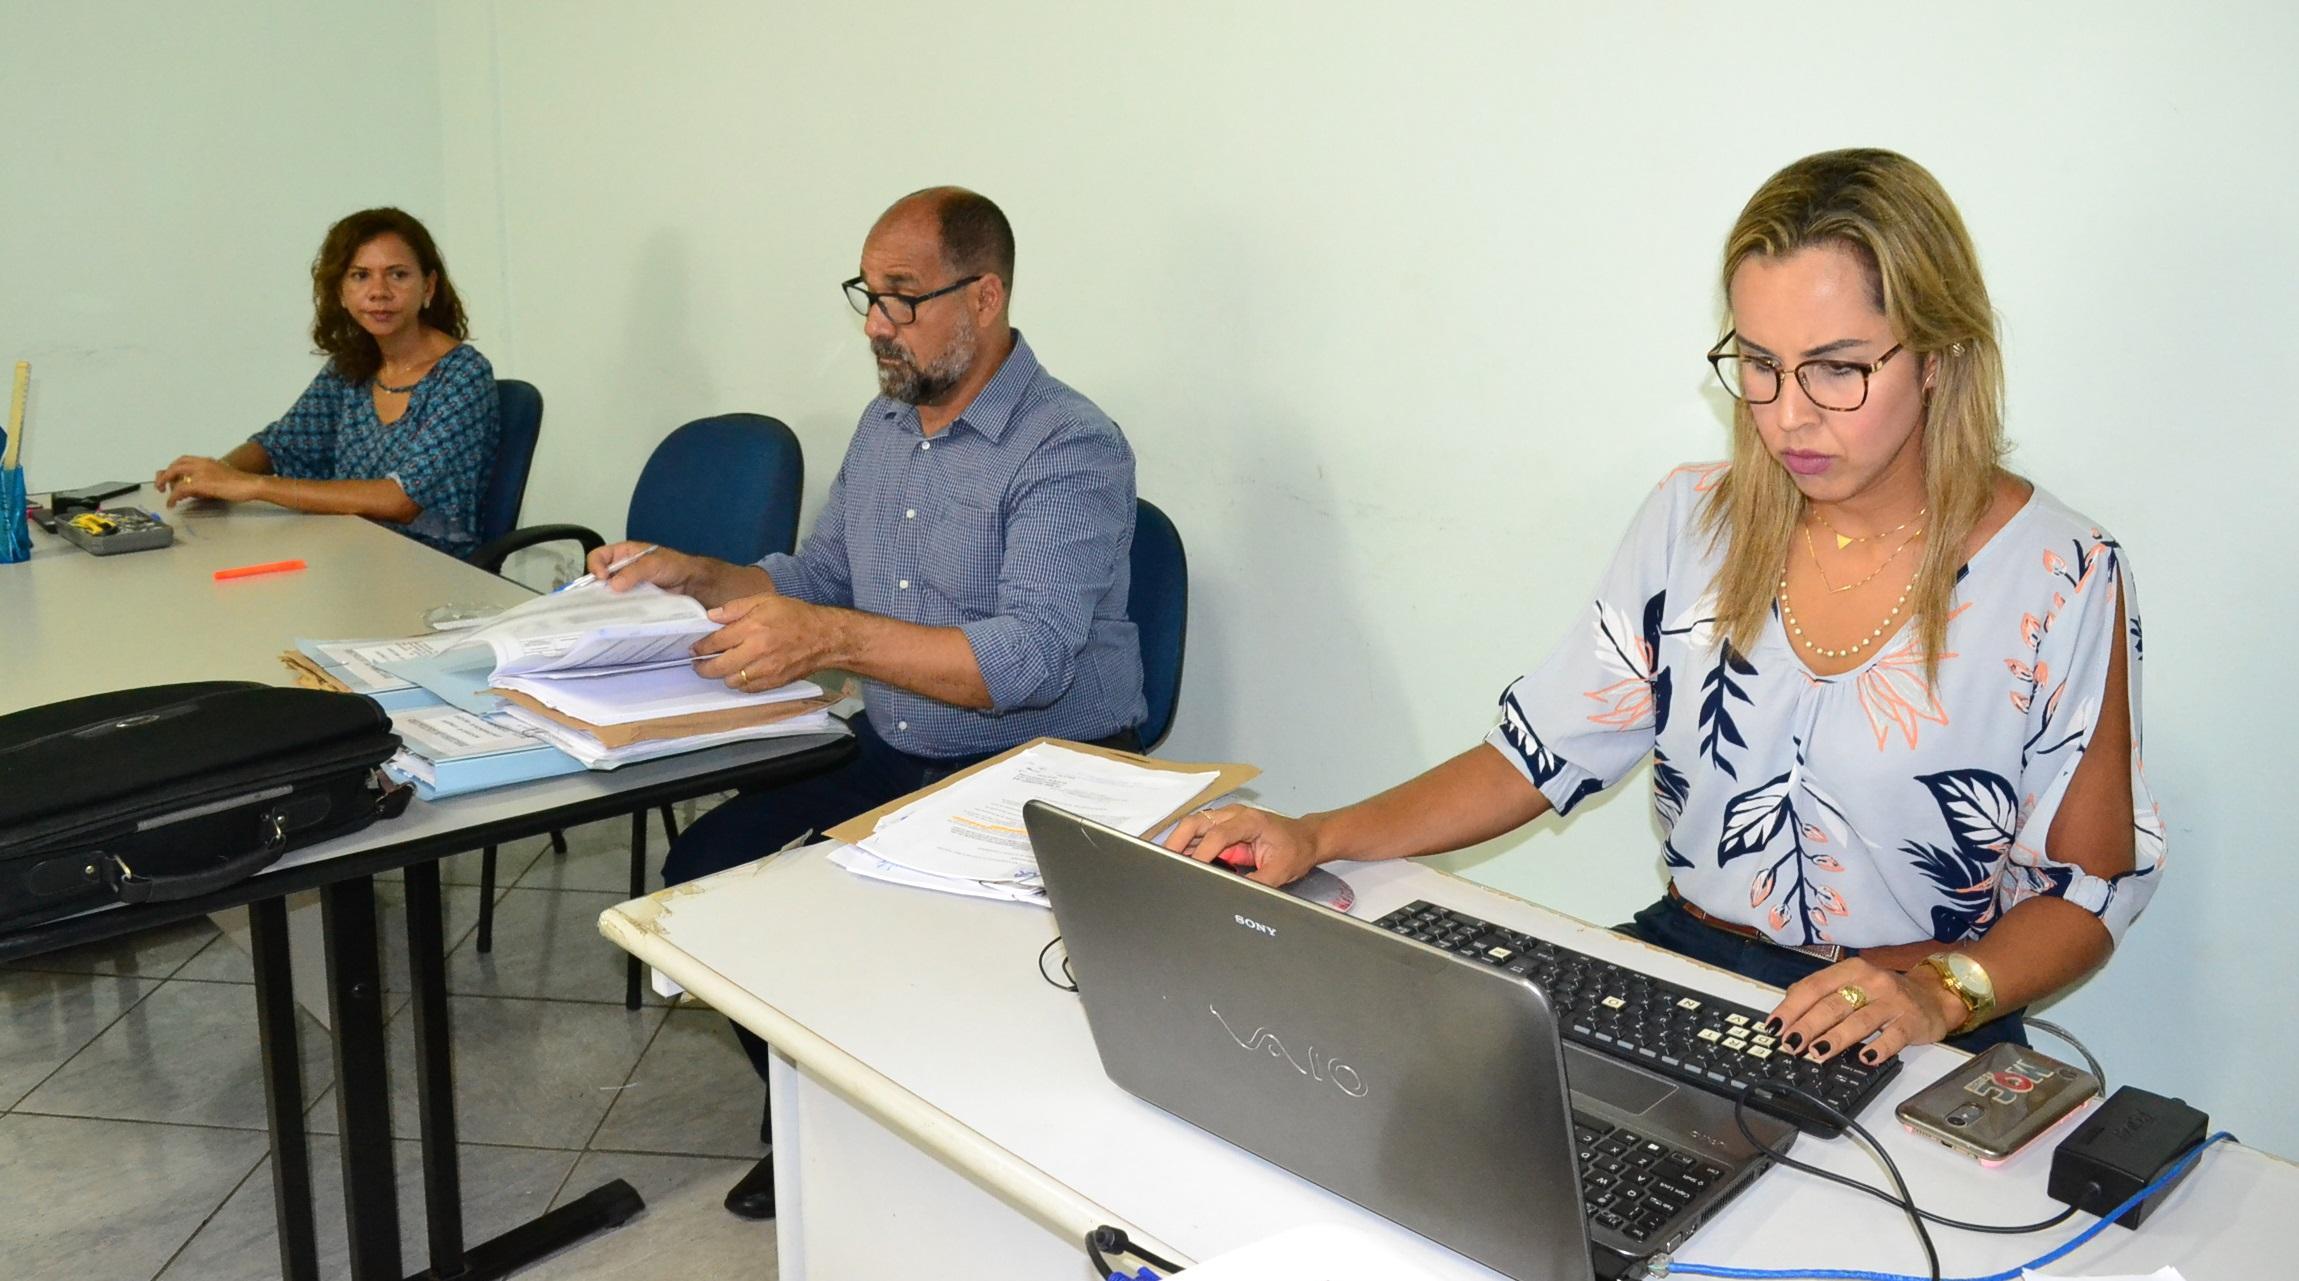 Imagem de destaque ECONOMIA DE R$ 180 MIL - Prefeitura vai construir posto de saúde no bairro Renascença